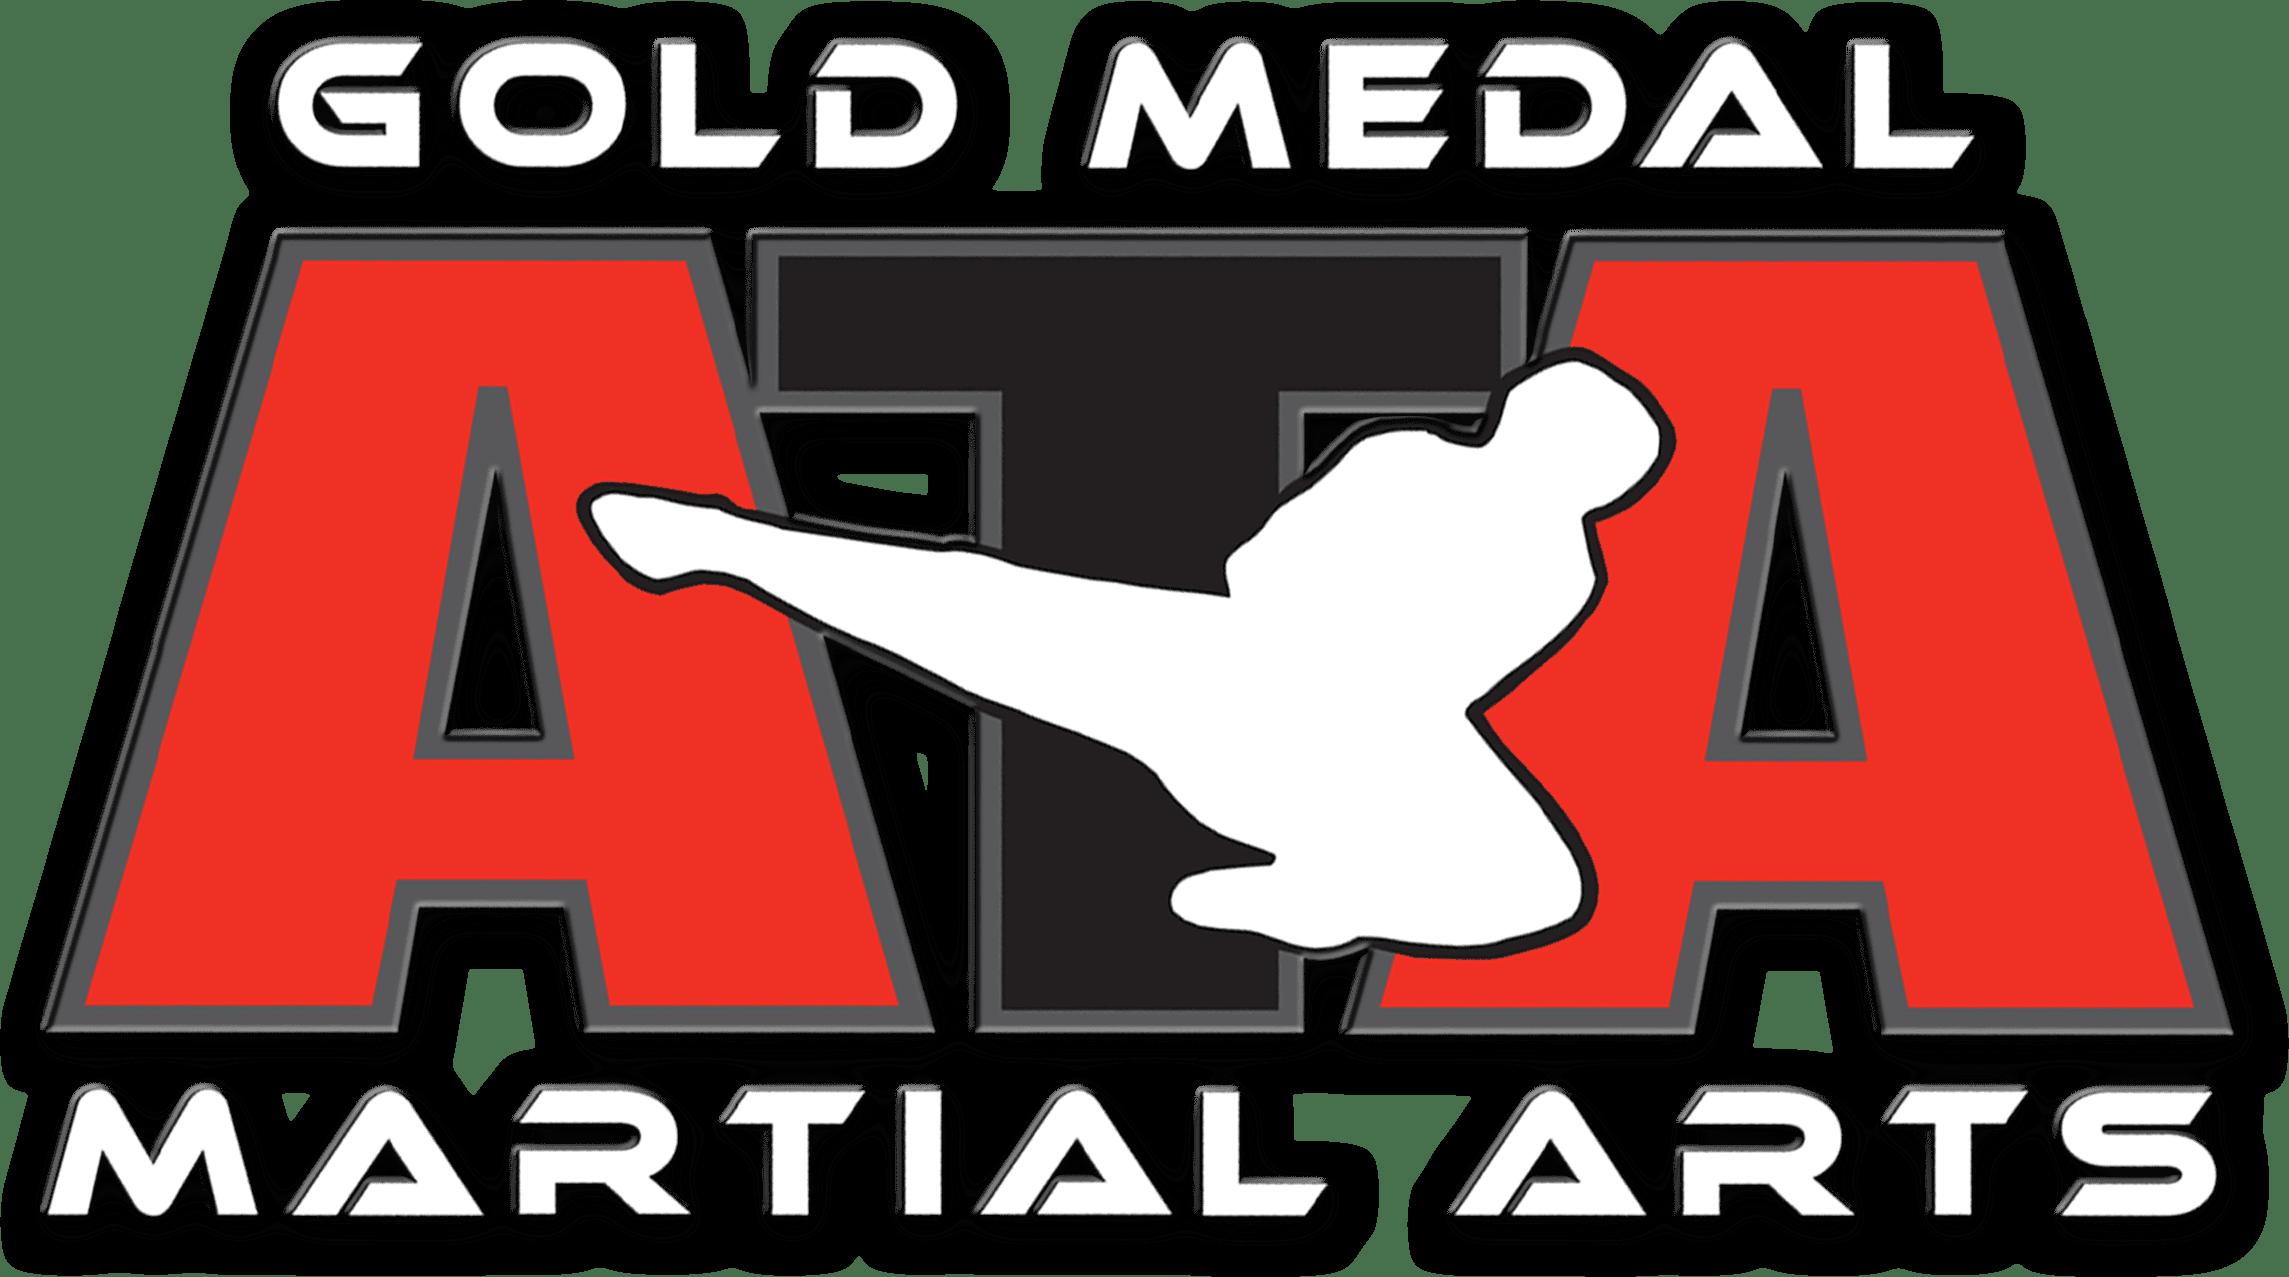 COJM3506, Gold Medal Martial Arts in Santa Clarita CA